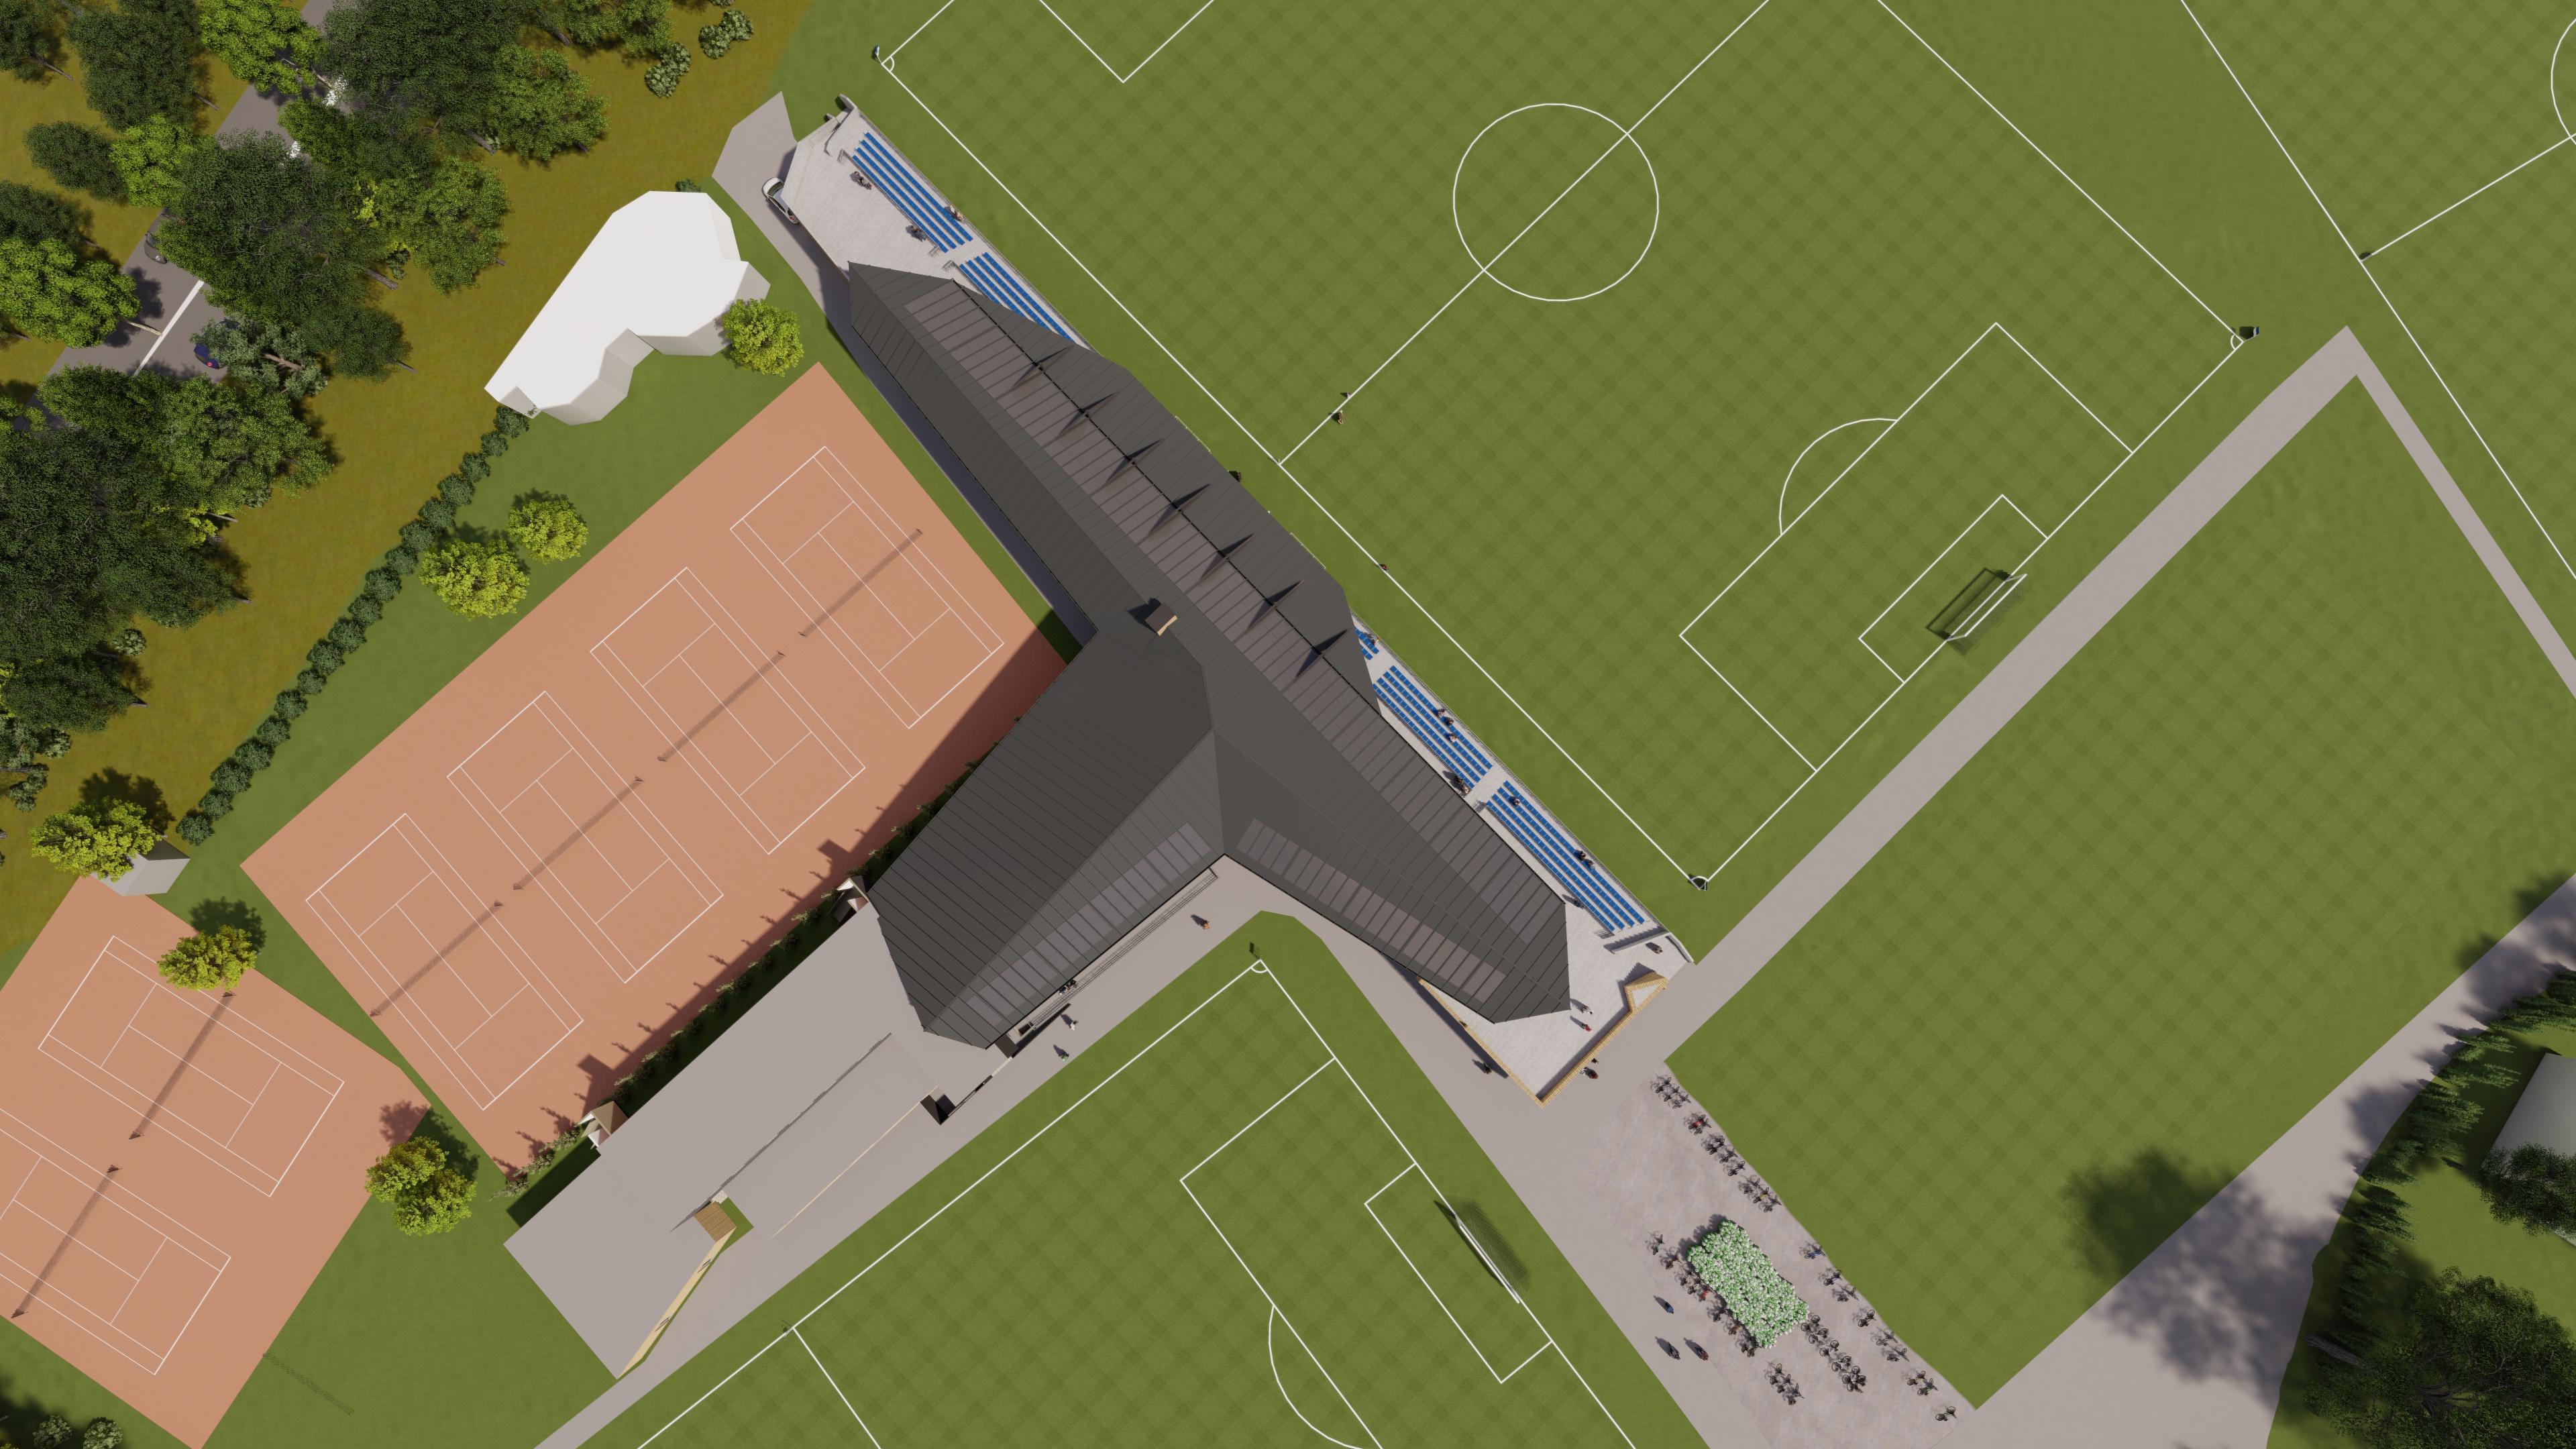 Koninklijke HFC bouwt een nieuw voetbalpaleisje: 'Dit is geen interessantdoenerij' [video]